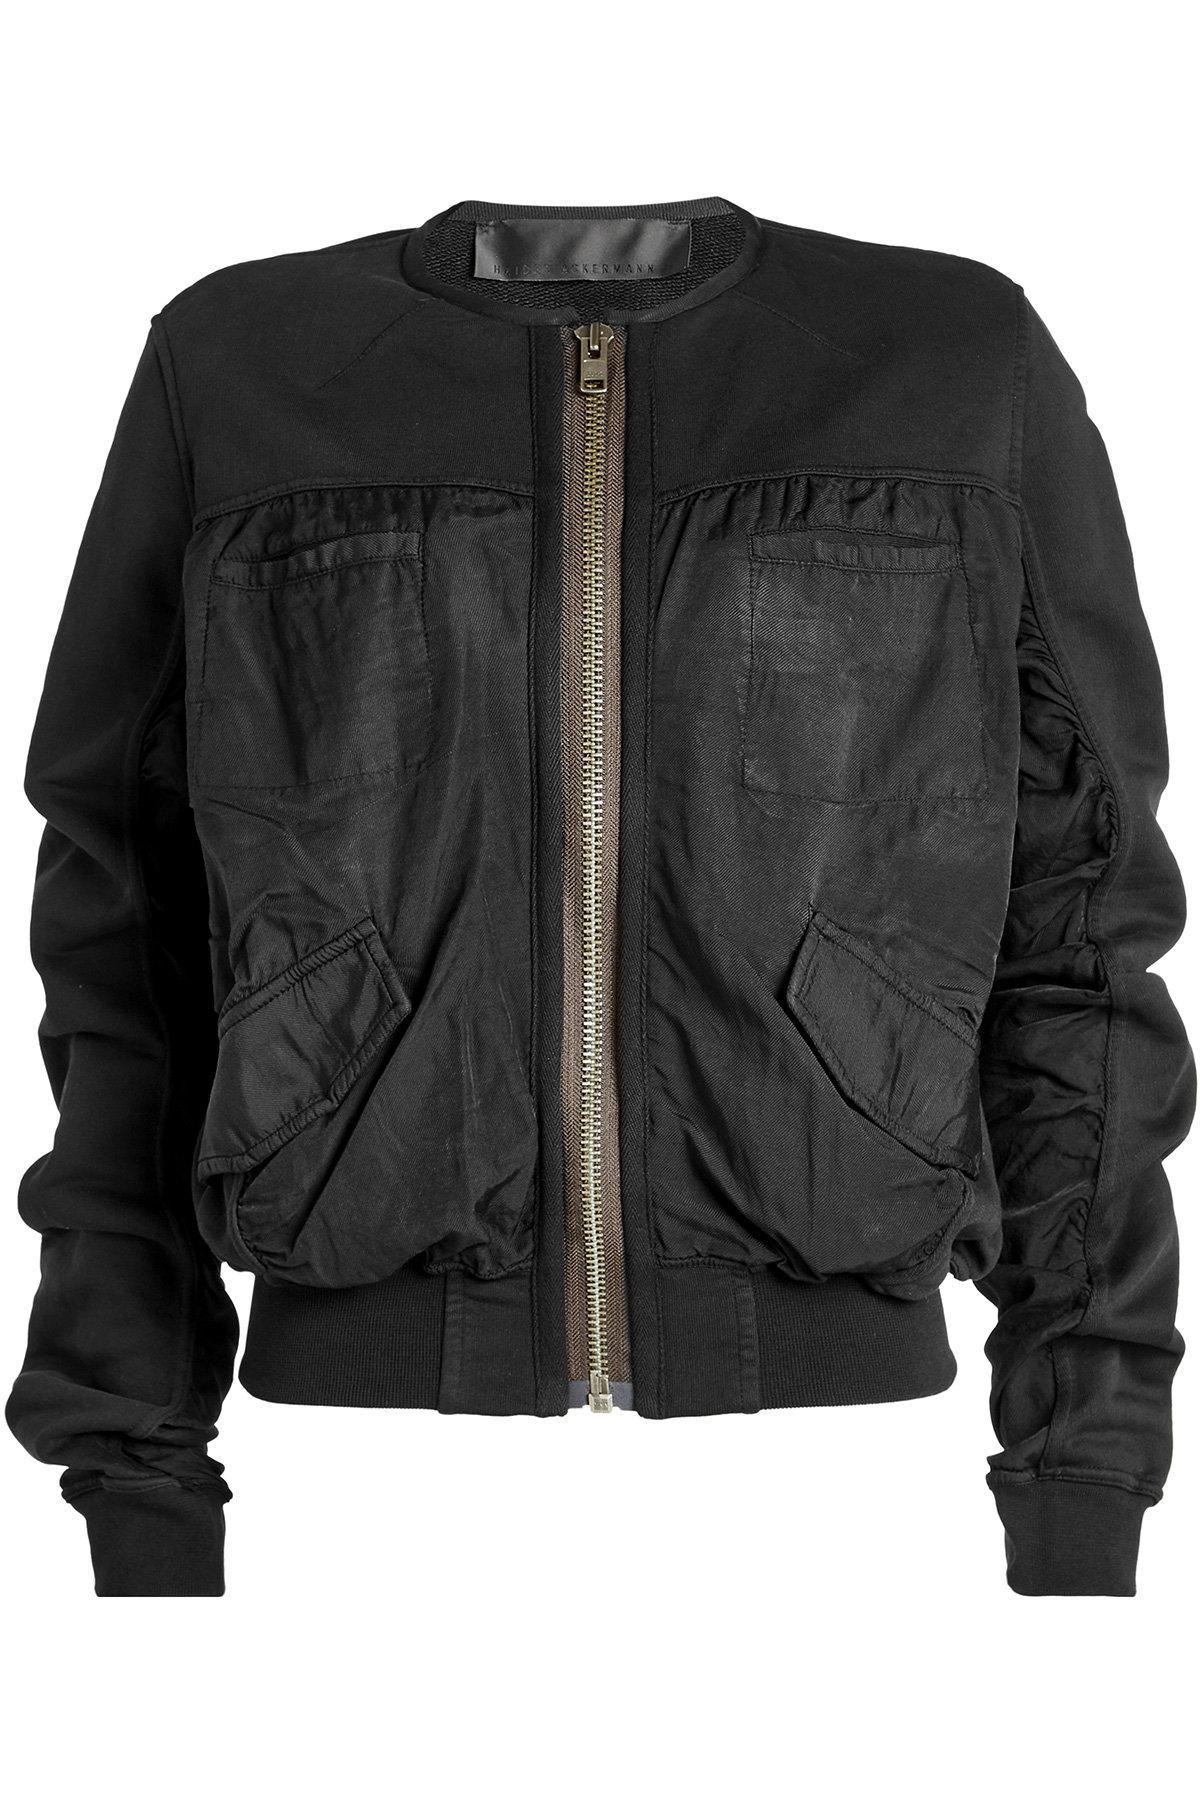 Haider Ackermann Cotton Bomber Jacket In Black